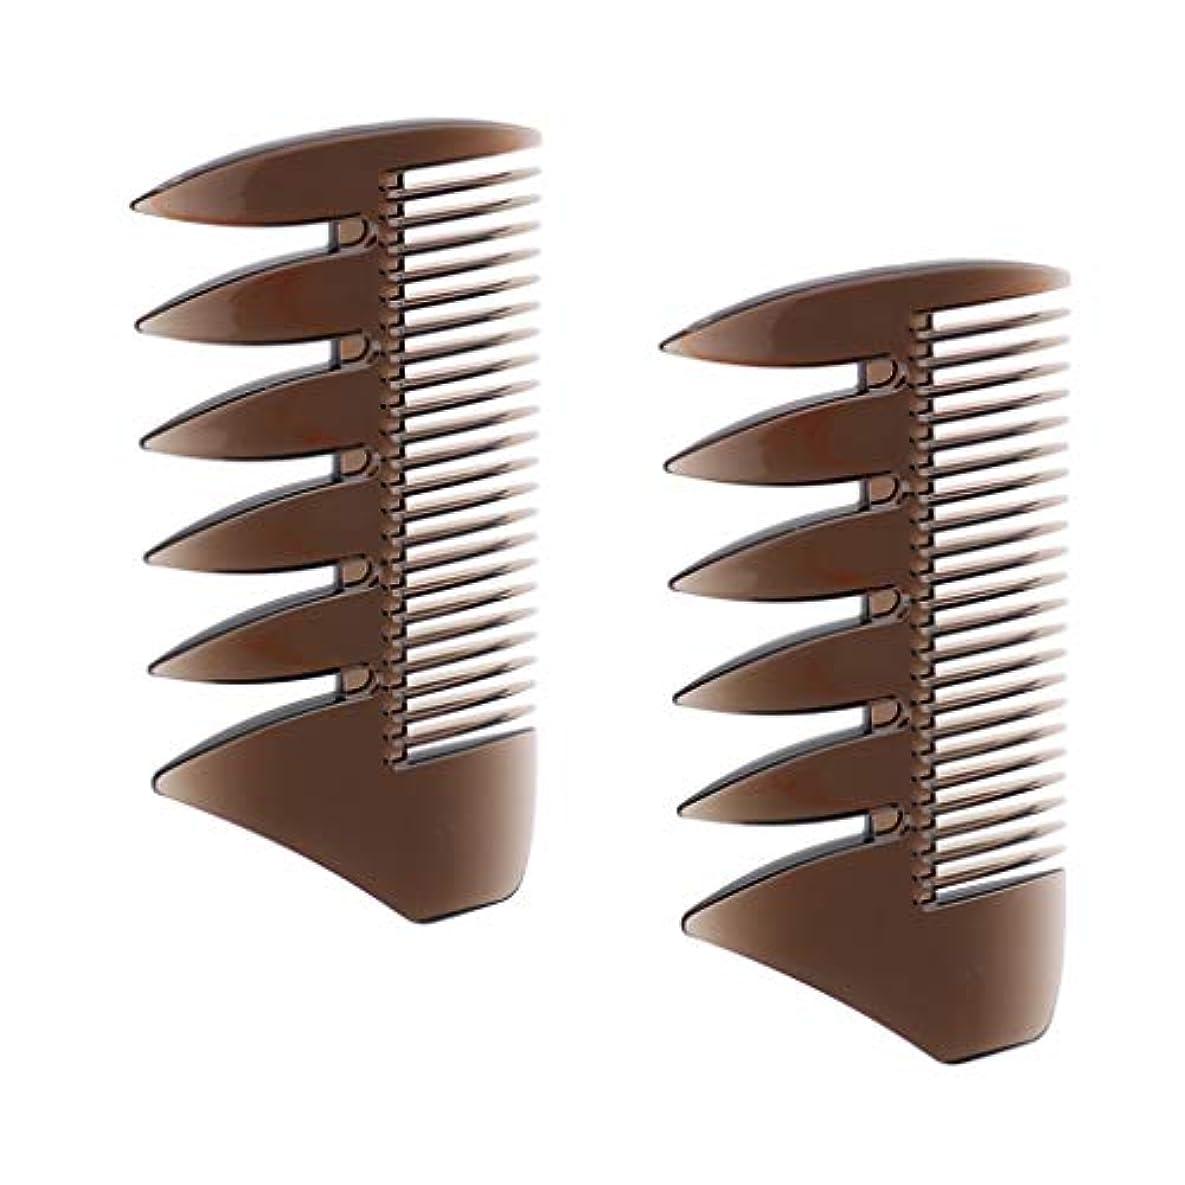 摂氏普遍的な悪性の2個 ヘアコンビ デュアルサイド メンズ オイルの髪 櫛 ヘアサロン ヘアスタイリング